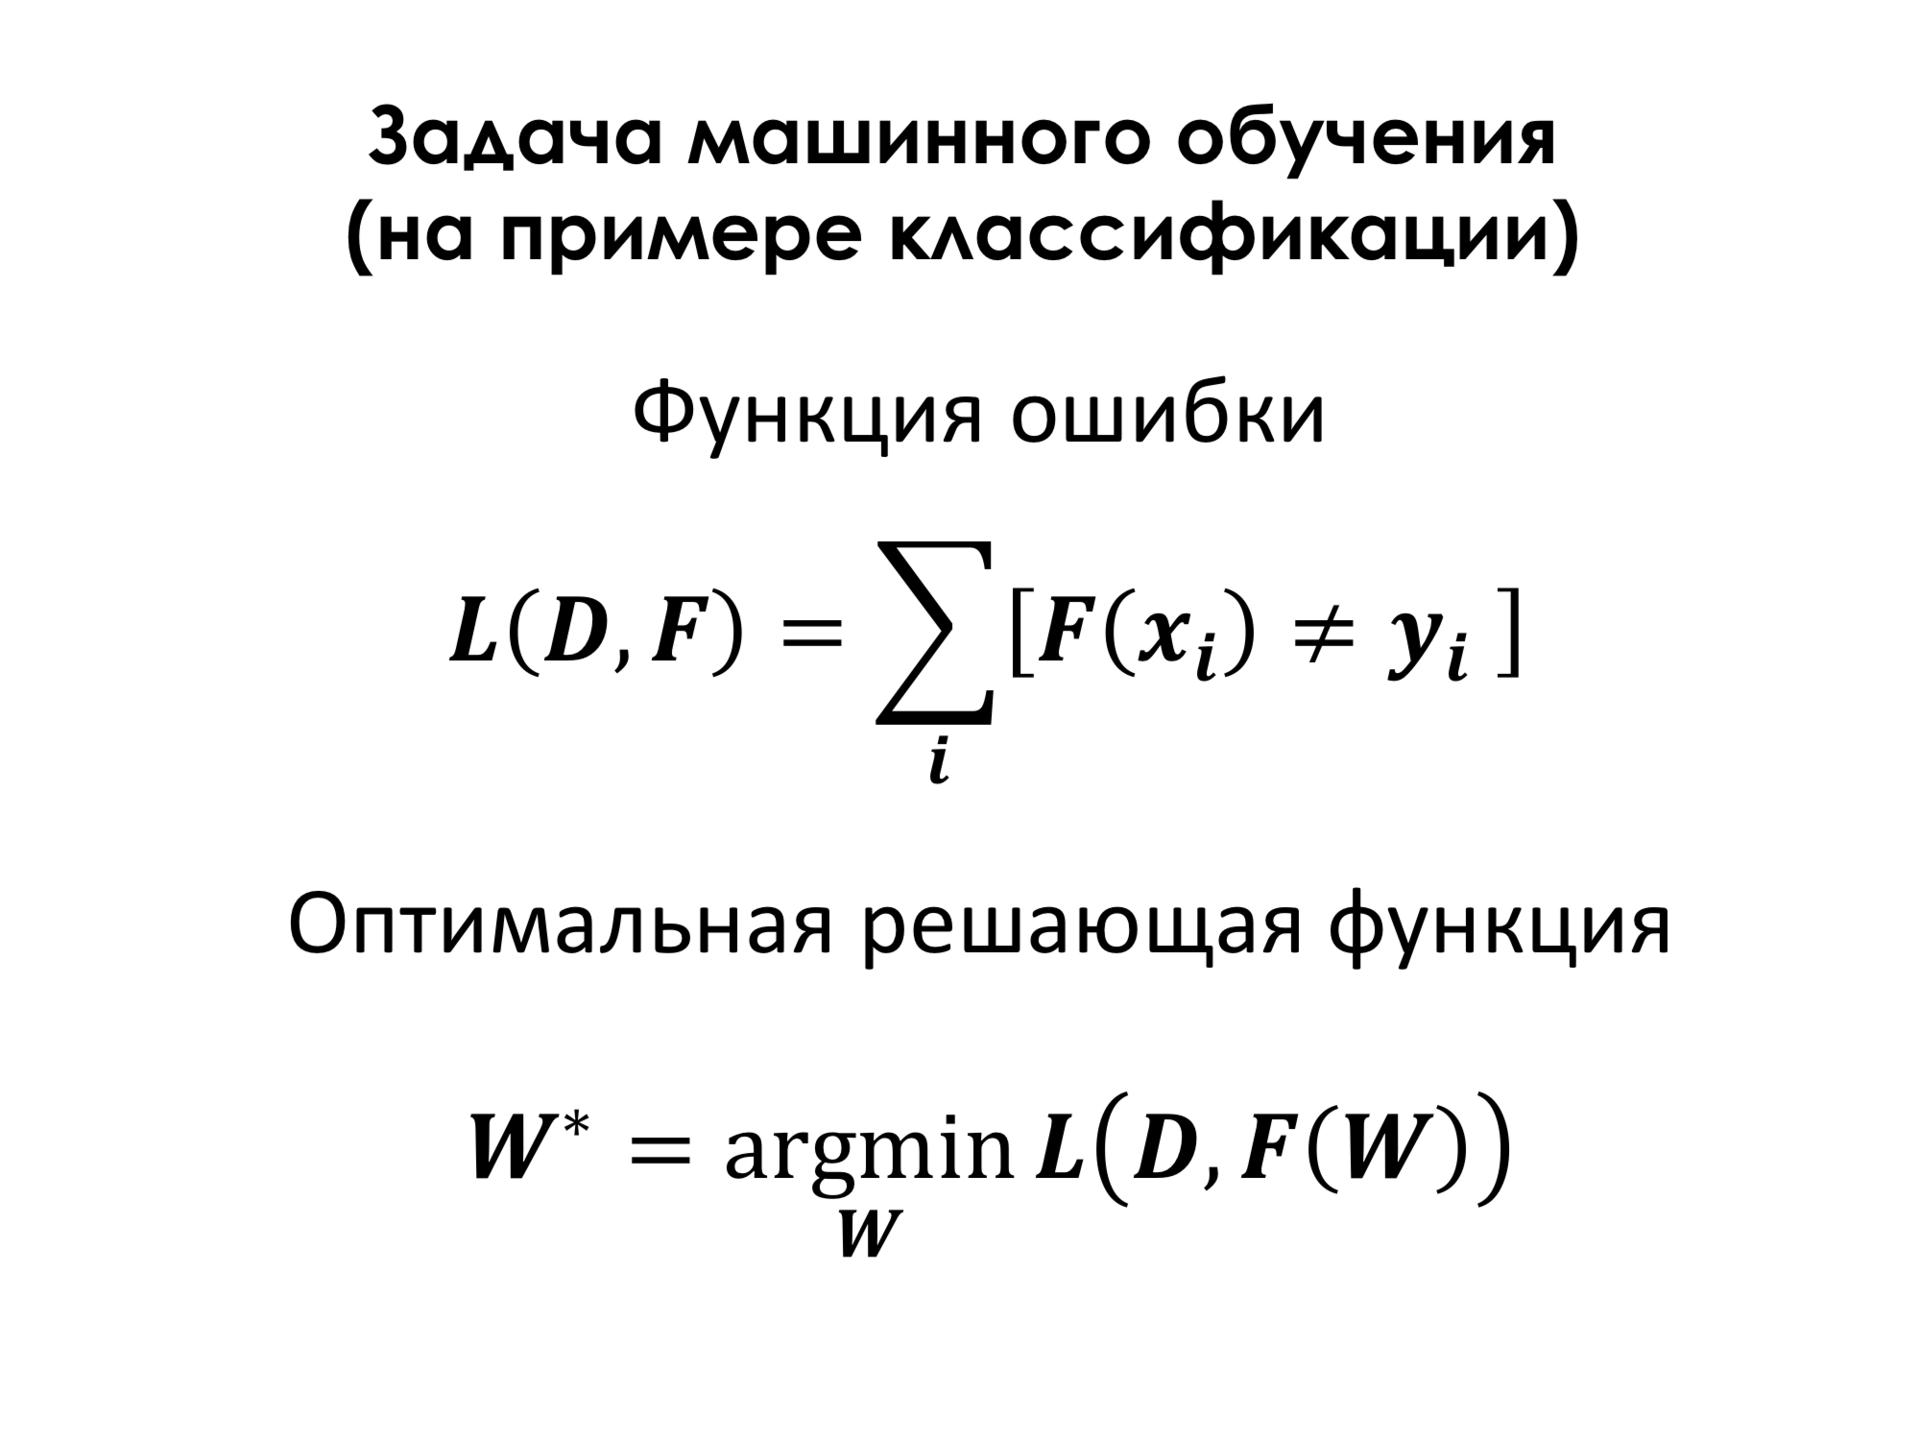 Самое главное о нейронных сетях. Лекция в Яндексе - 7